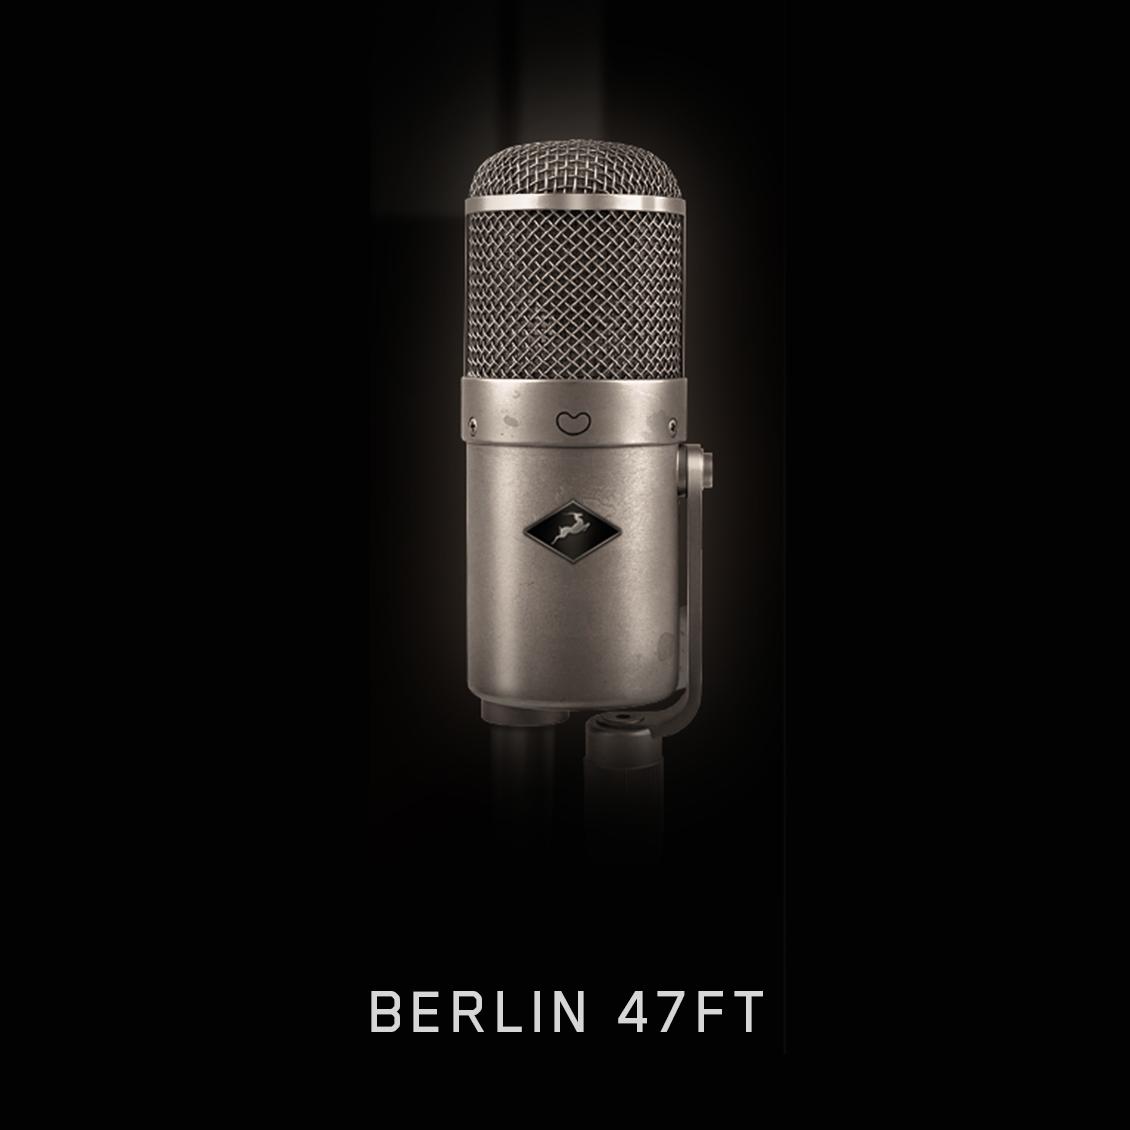 Berlin 47 FT 1